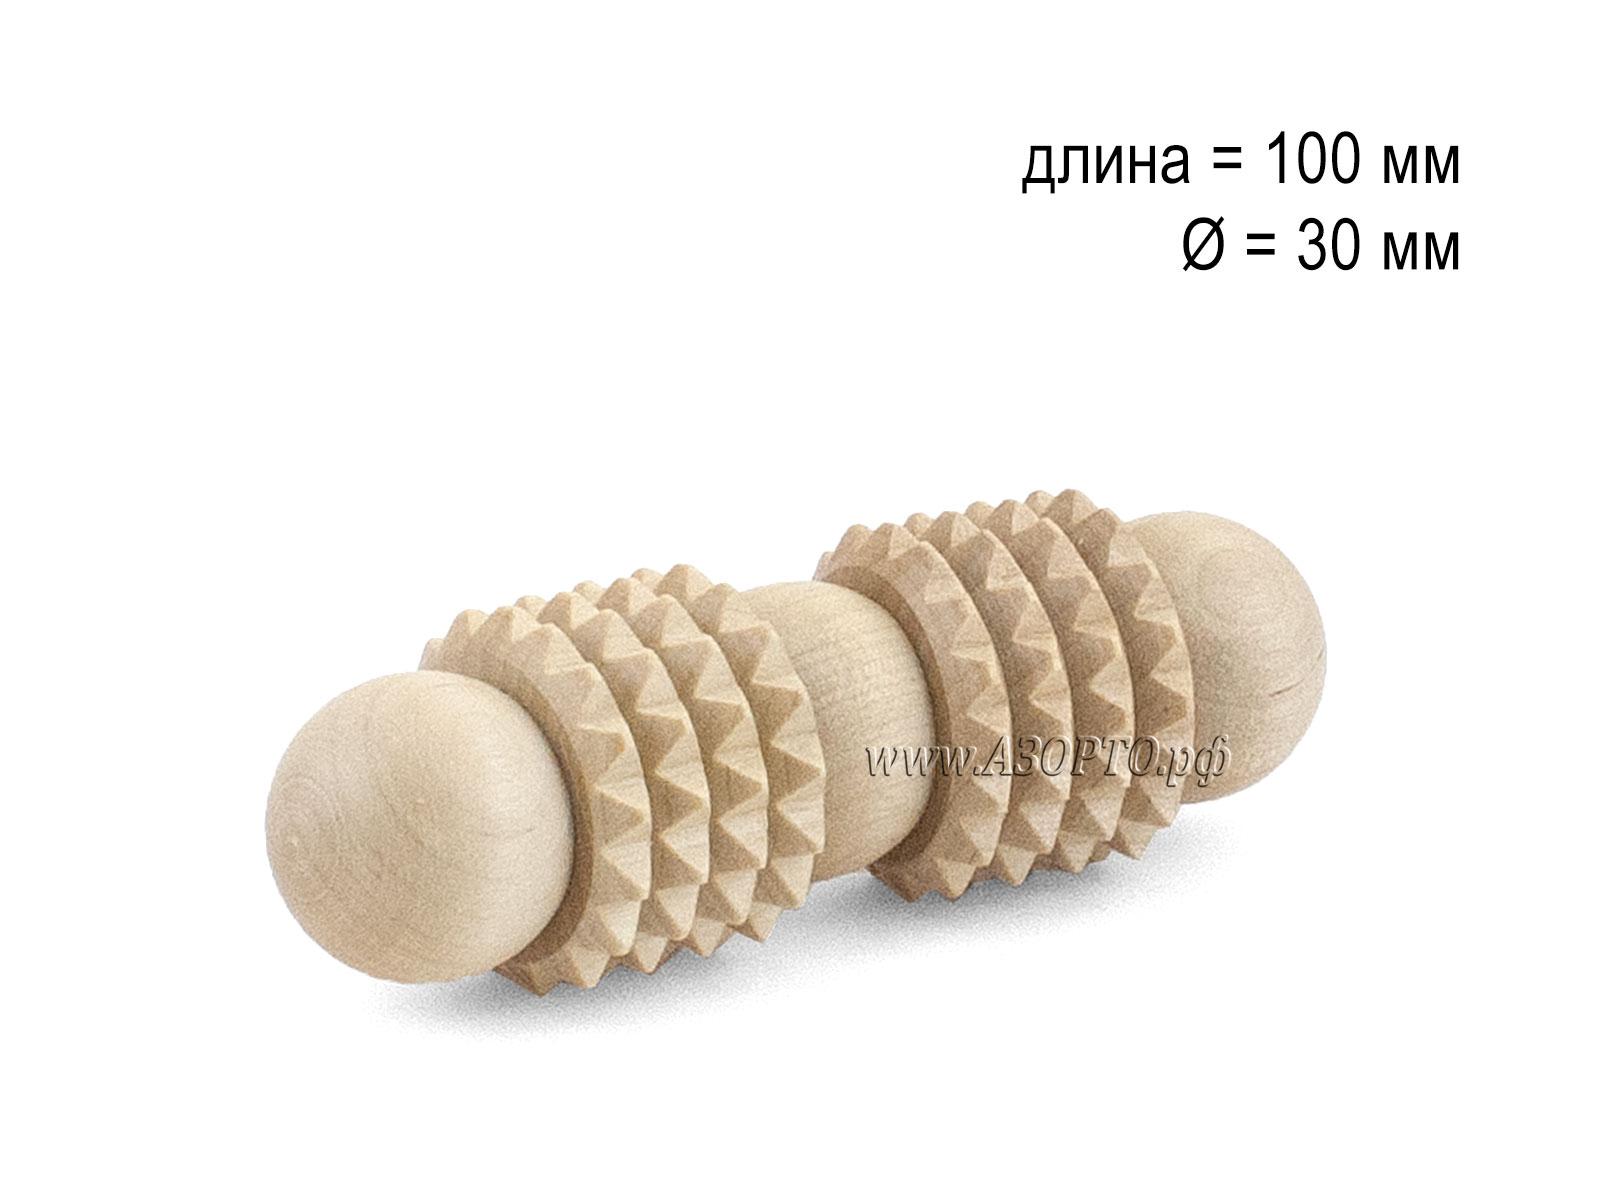 Деревянные массажеры в новокузнецке роликовый массажер тренажеры цена